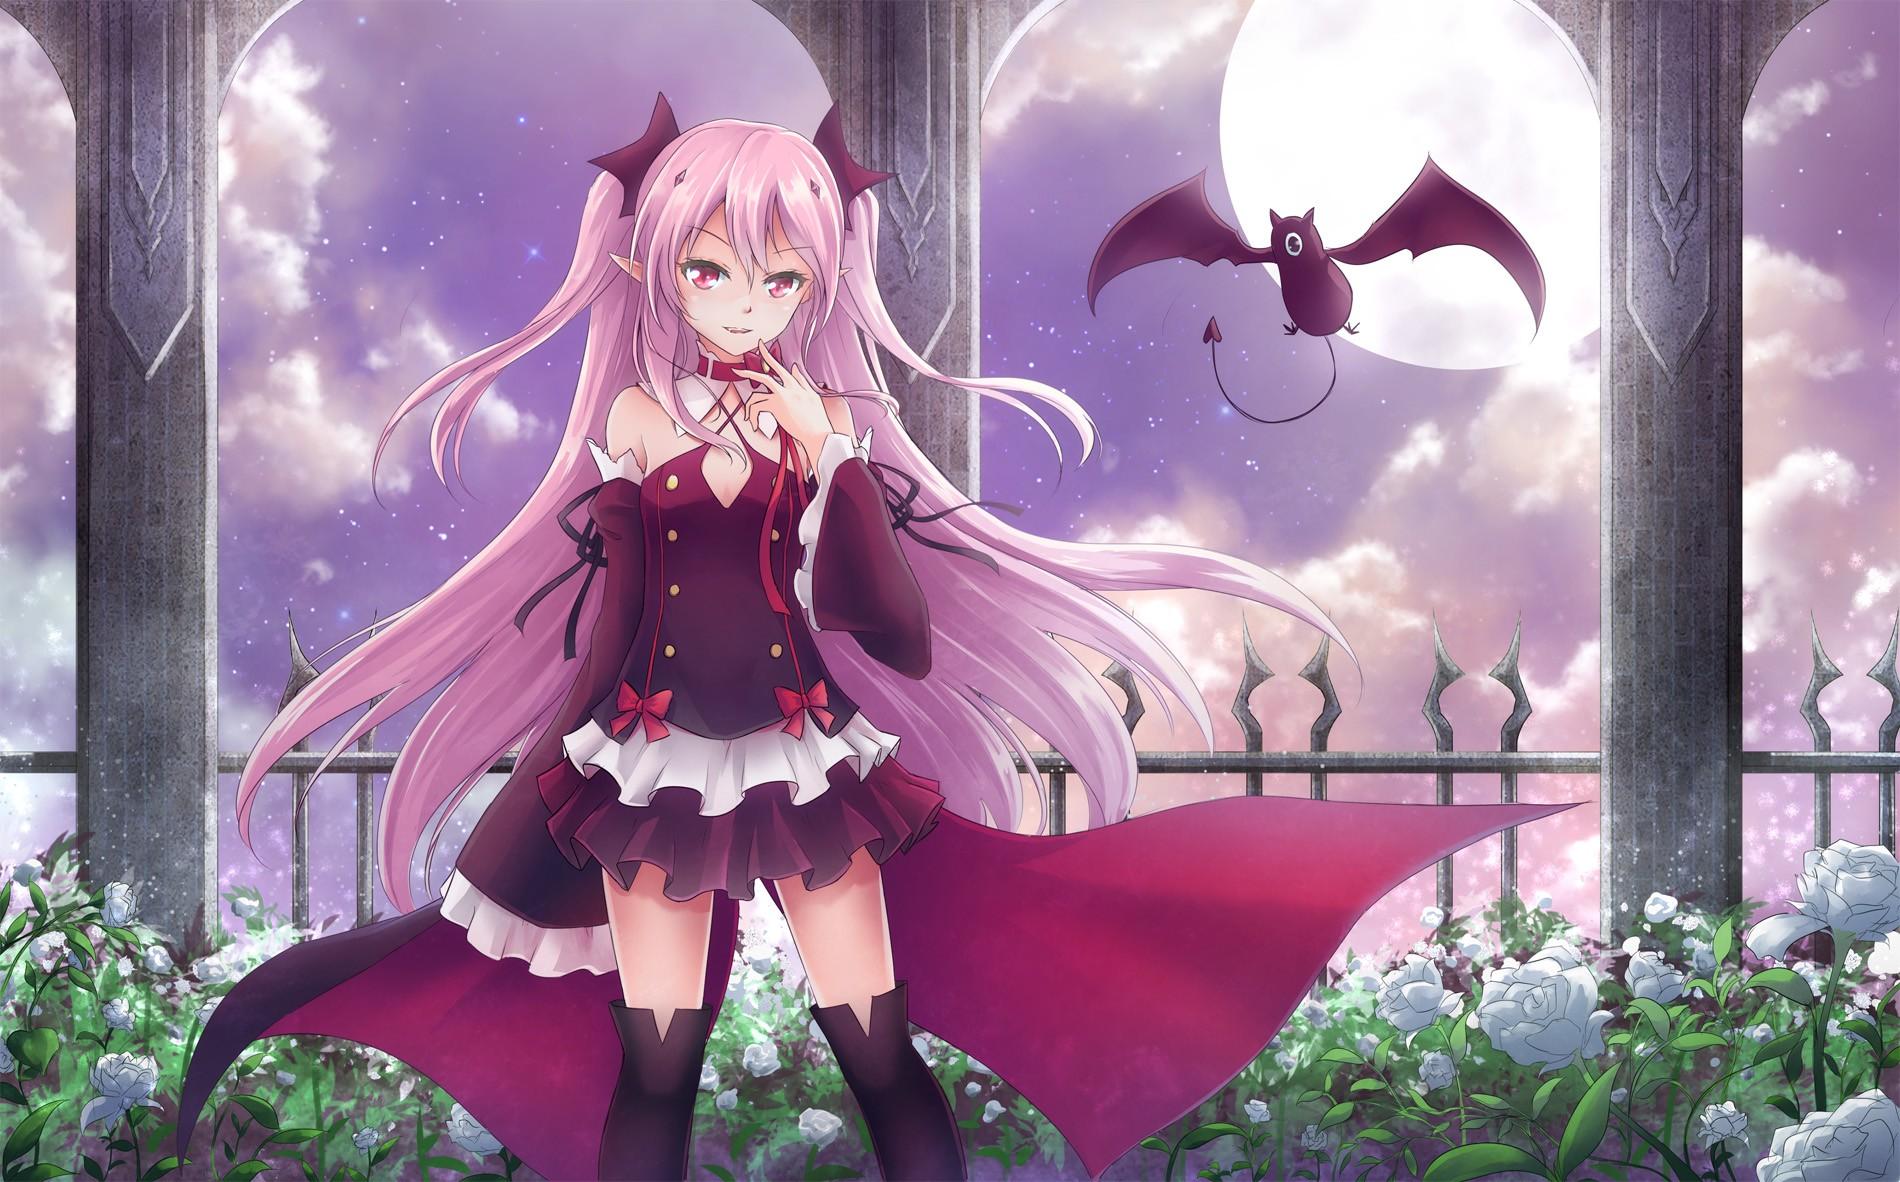 Wallpaper : anime girls, pink hair, vampires, Owari No ...